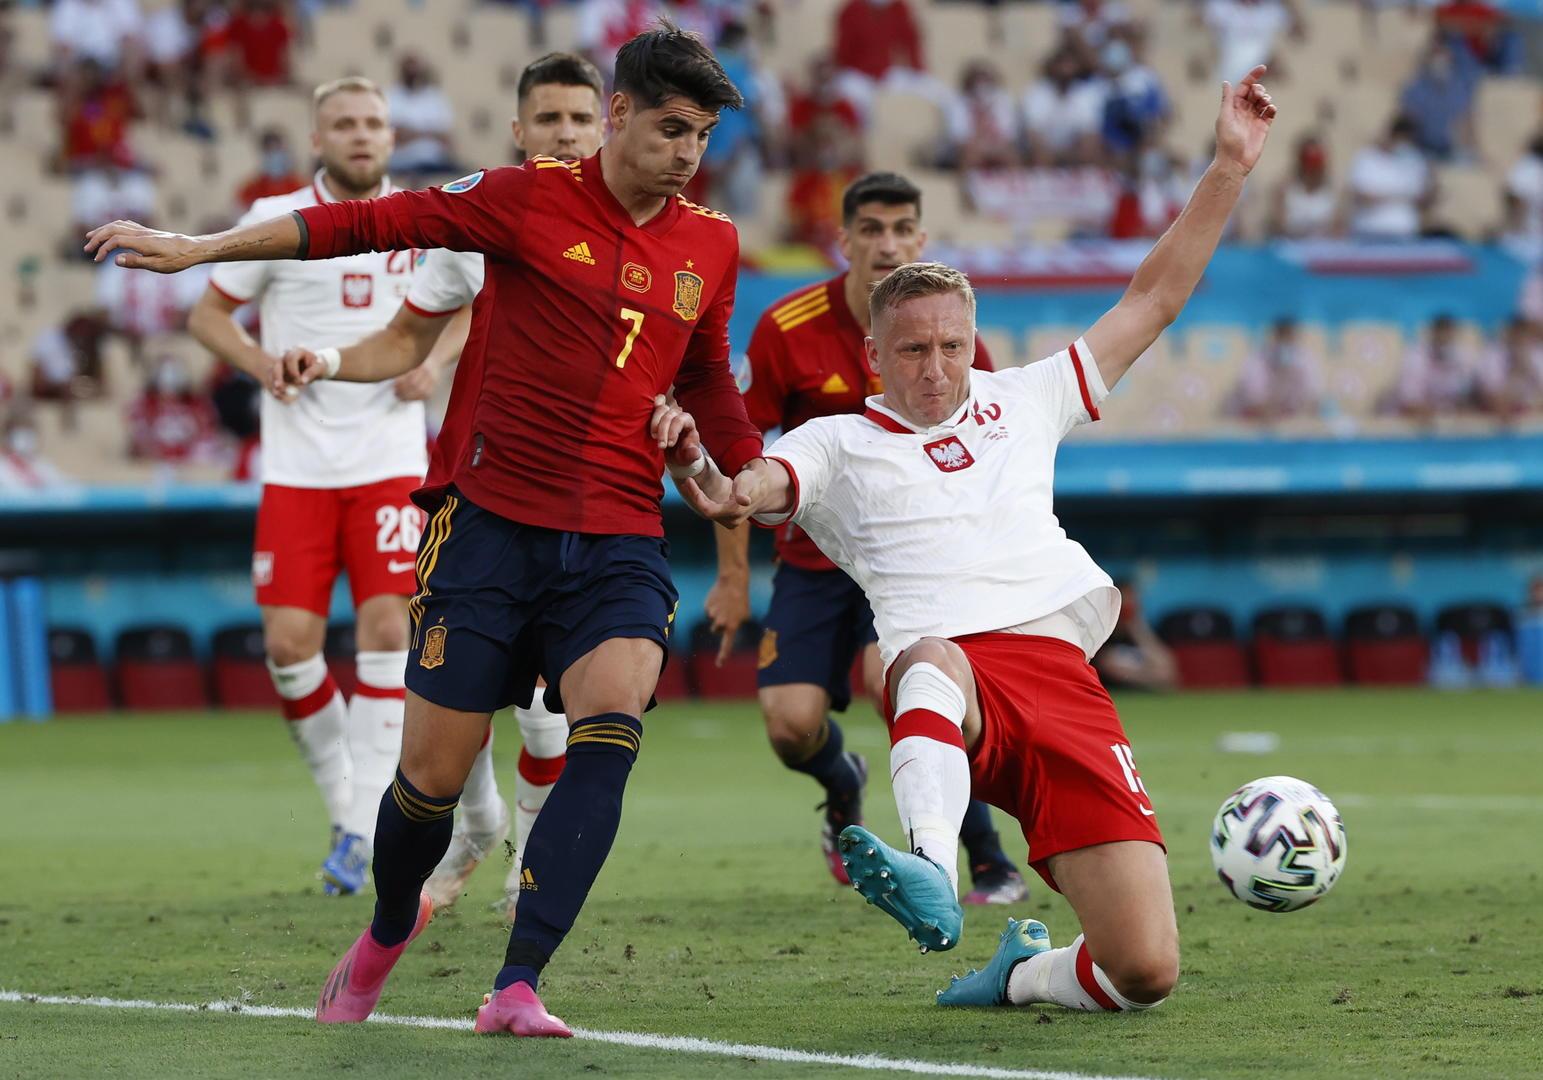 前瞻 | 取胜才能出线的西班牙,却遇上了两次奇迹创造者……